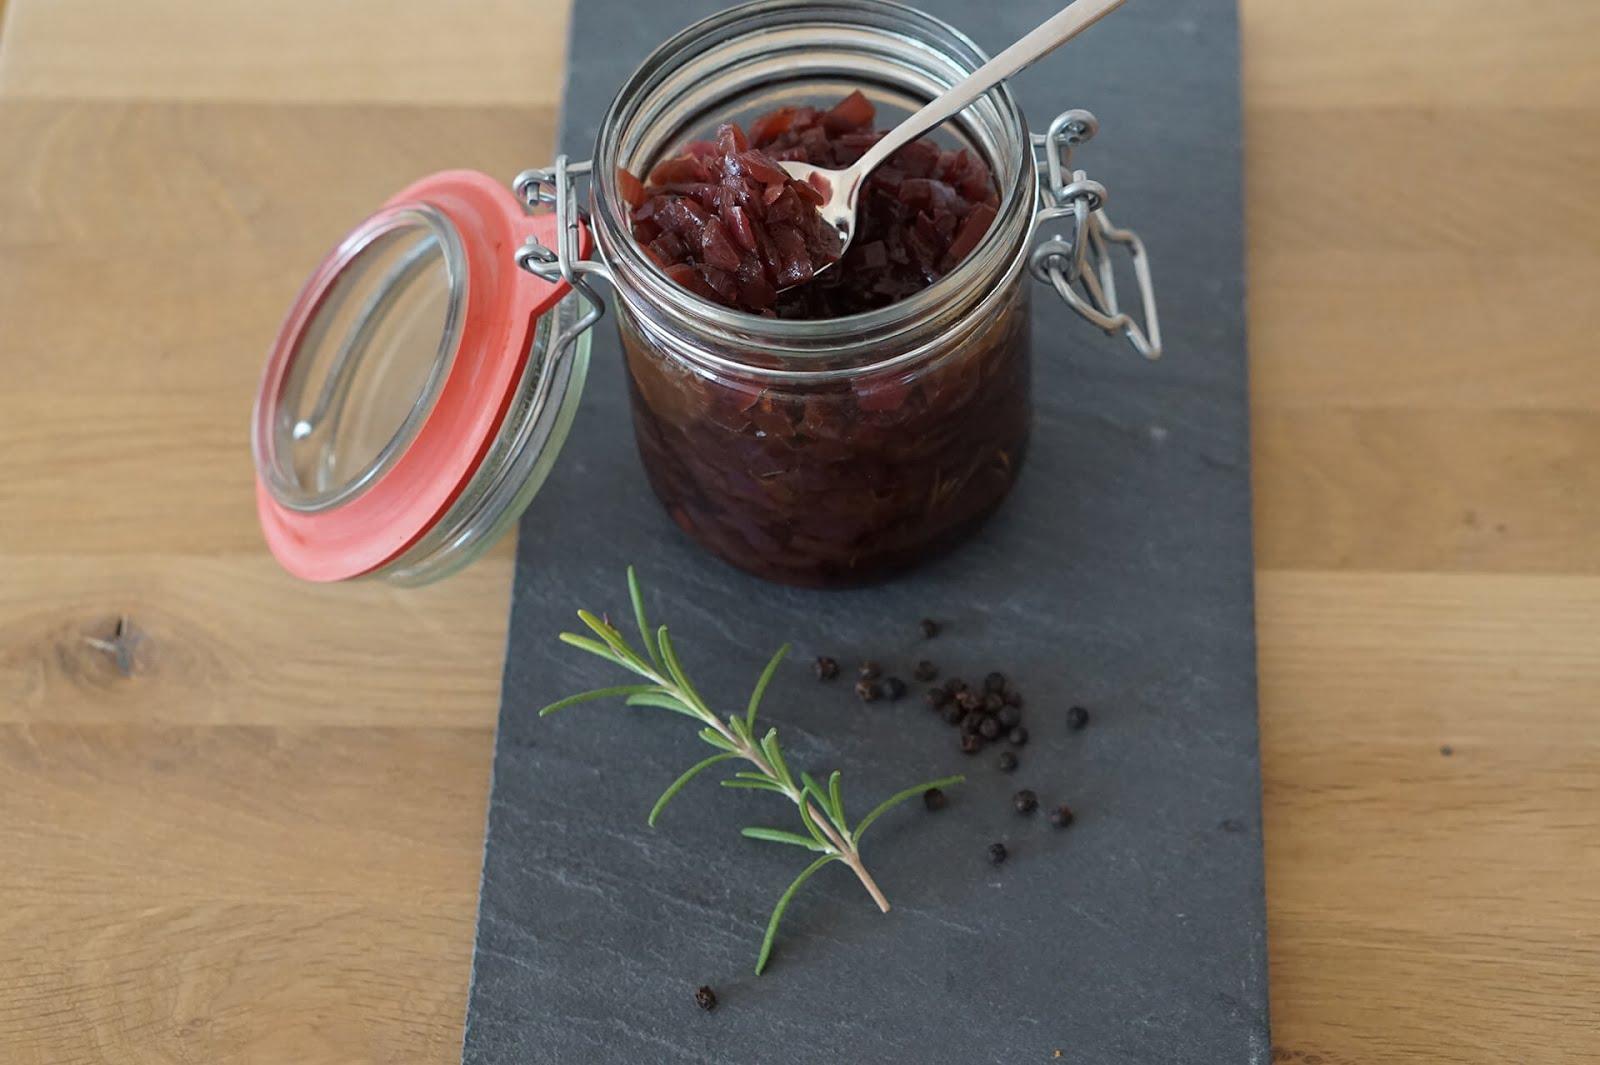 Red Onion Jam - Marmelade aus roten Zwiebeln